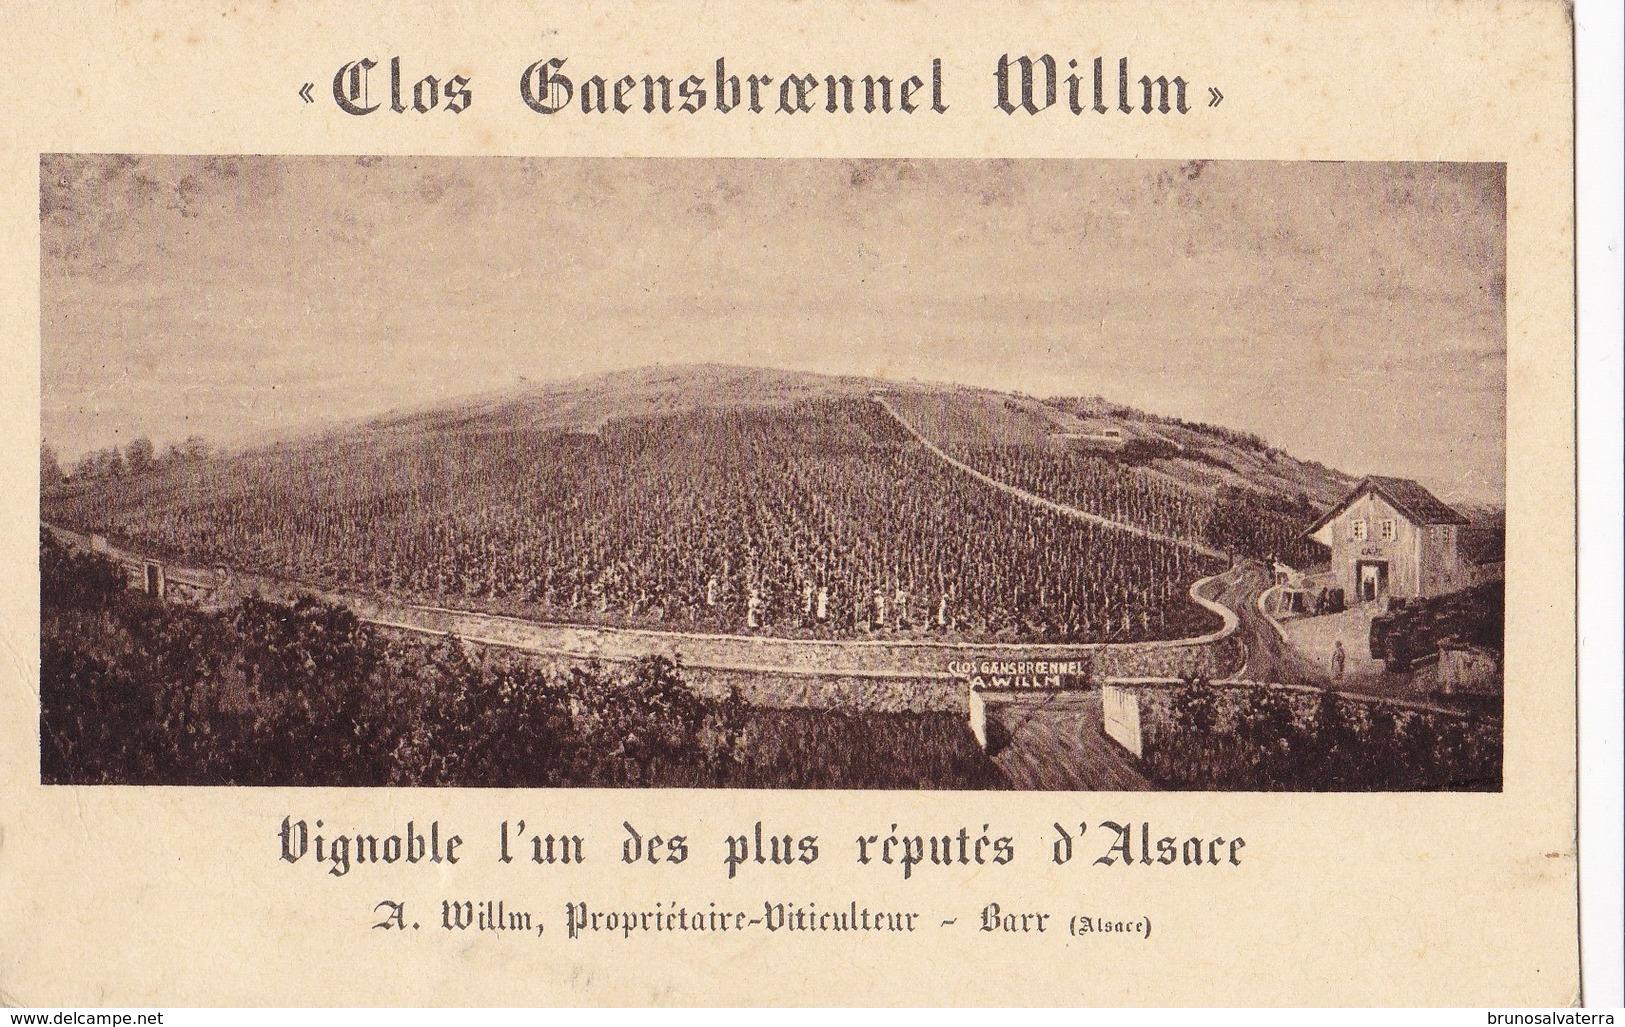 BARR - CLOS GAENSBROENNEL WILLM - Barr